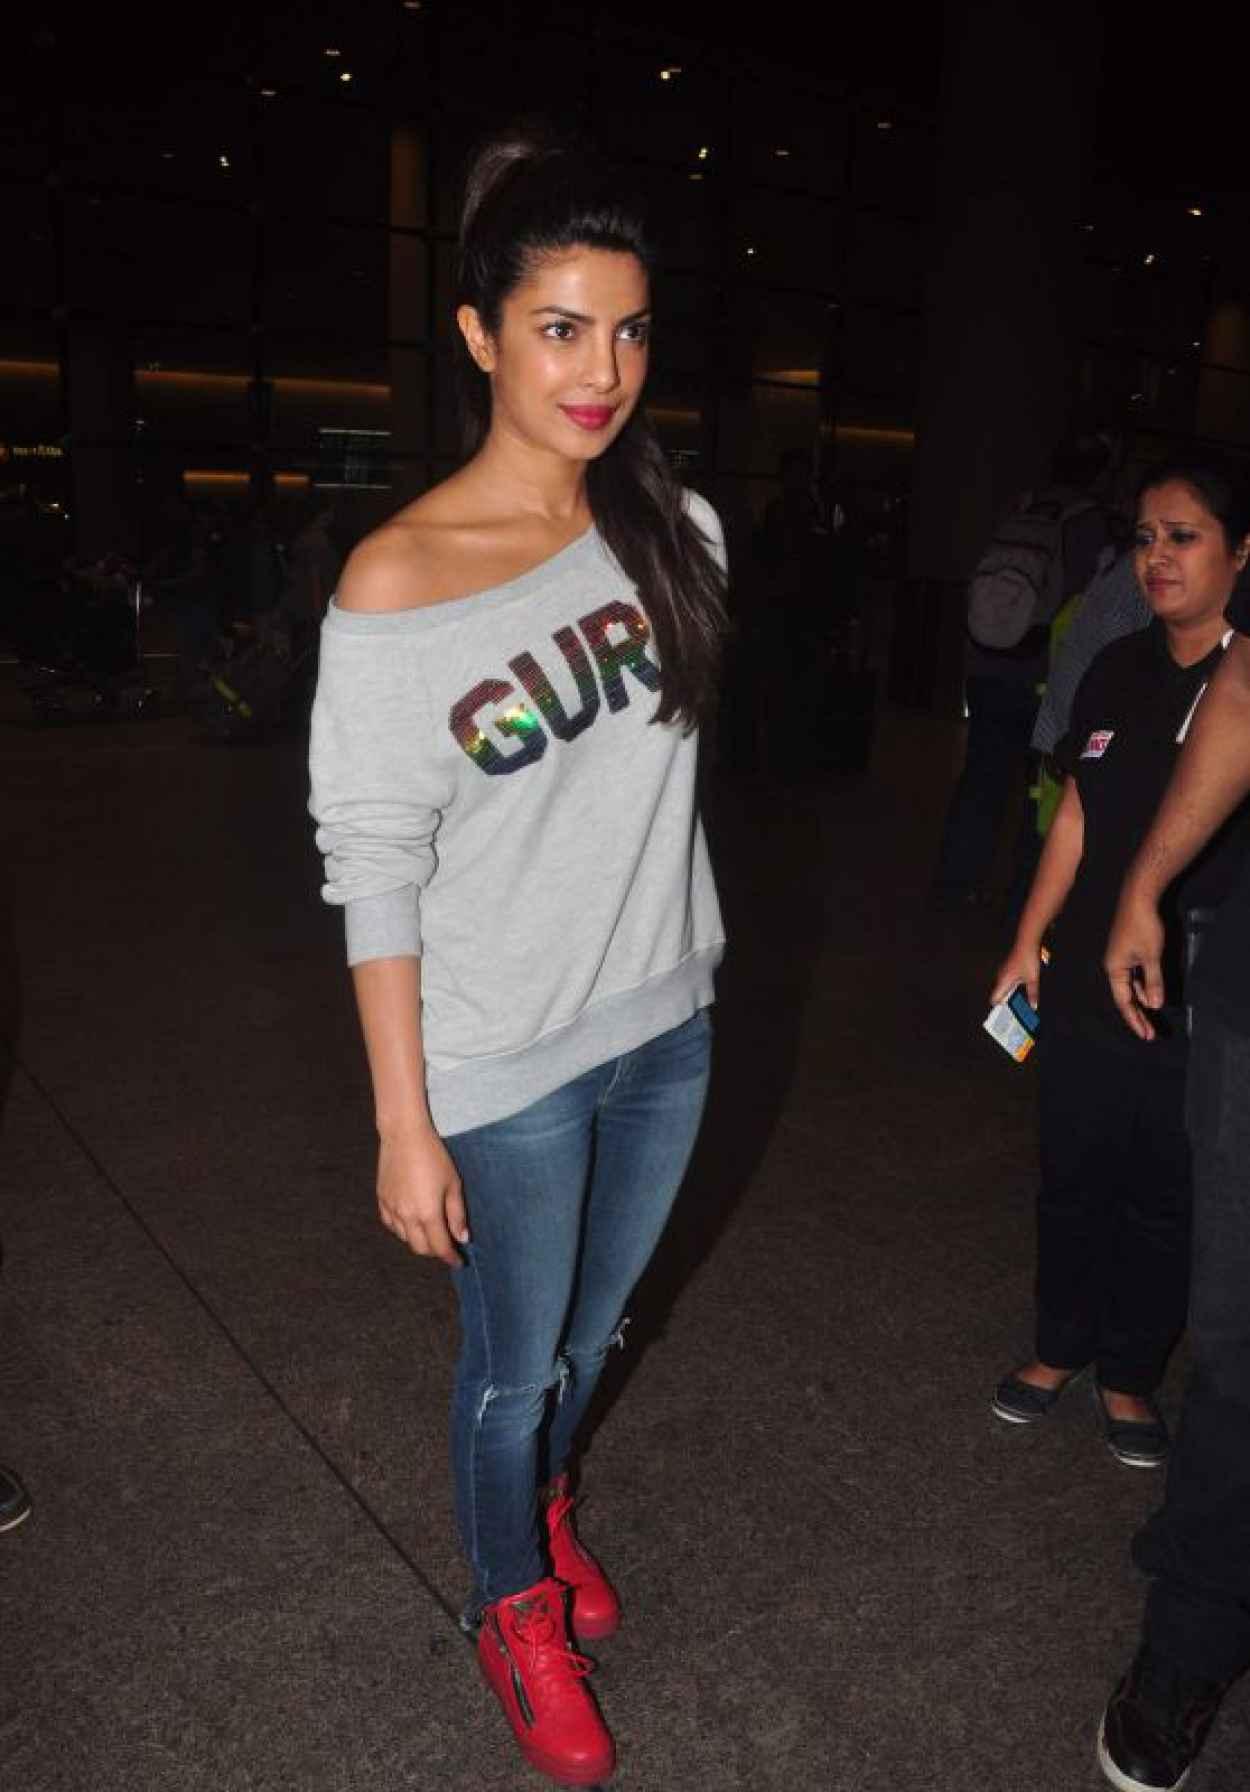 Priyanka Chopra - Makes Her Way to a Waiting Car at Mumbai Airport, October 2015-1